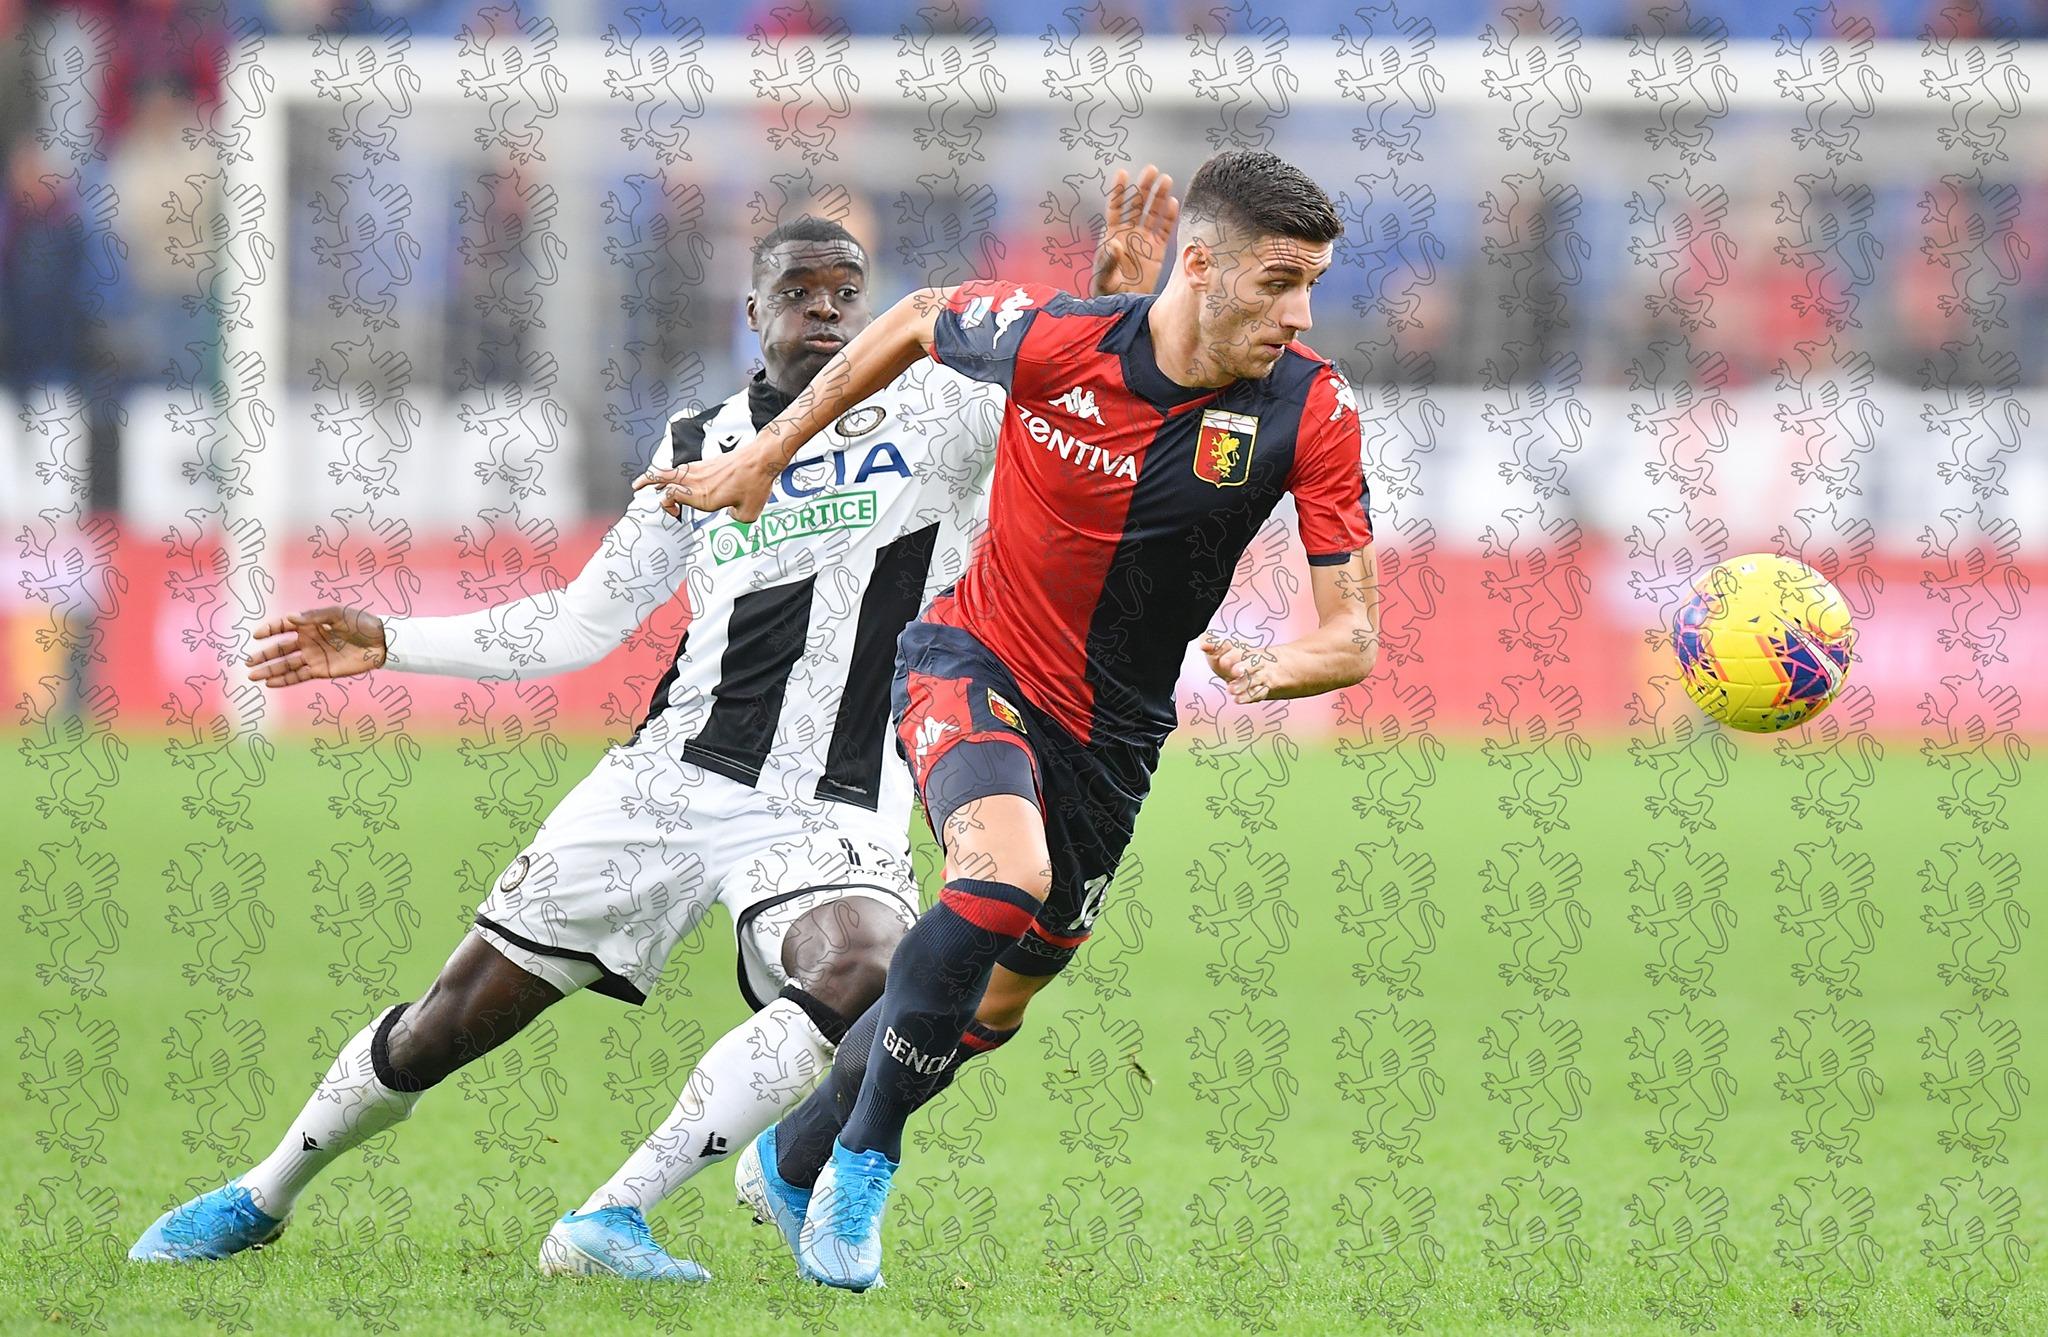 Ghiglione Genoa Udinese